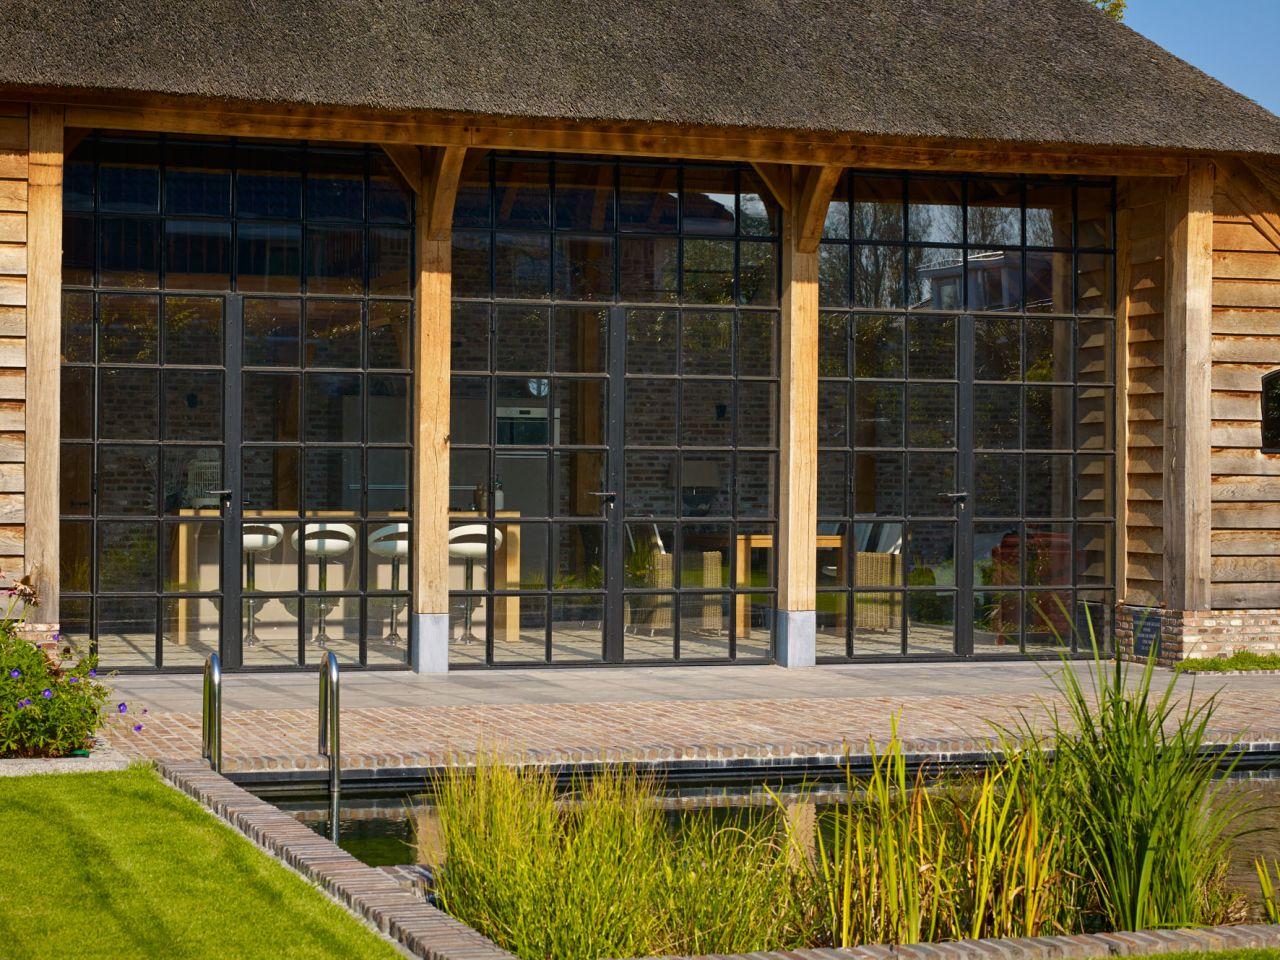 Stalen deuren met glas zorgen voor een transparante afsluiting van het bijgebouw in Werkhoven.